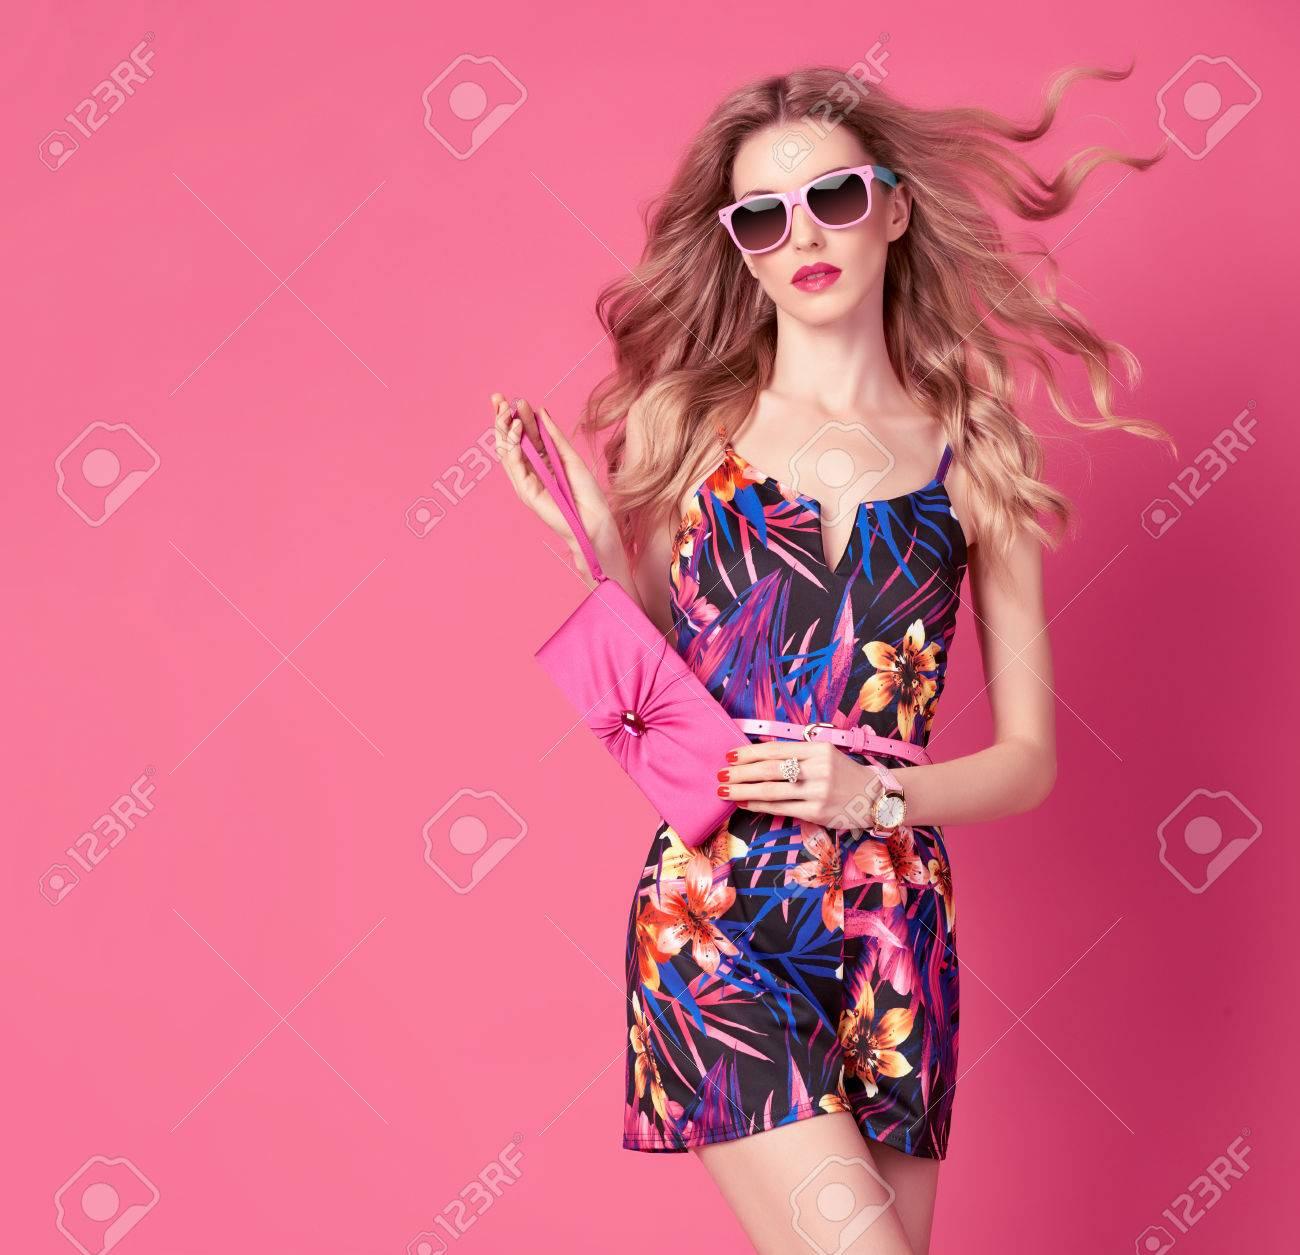 e915e2c2ca7 Mode Femme à La Mode Robe Printemps-Été. Coiffure élégant Ondulé ...